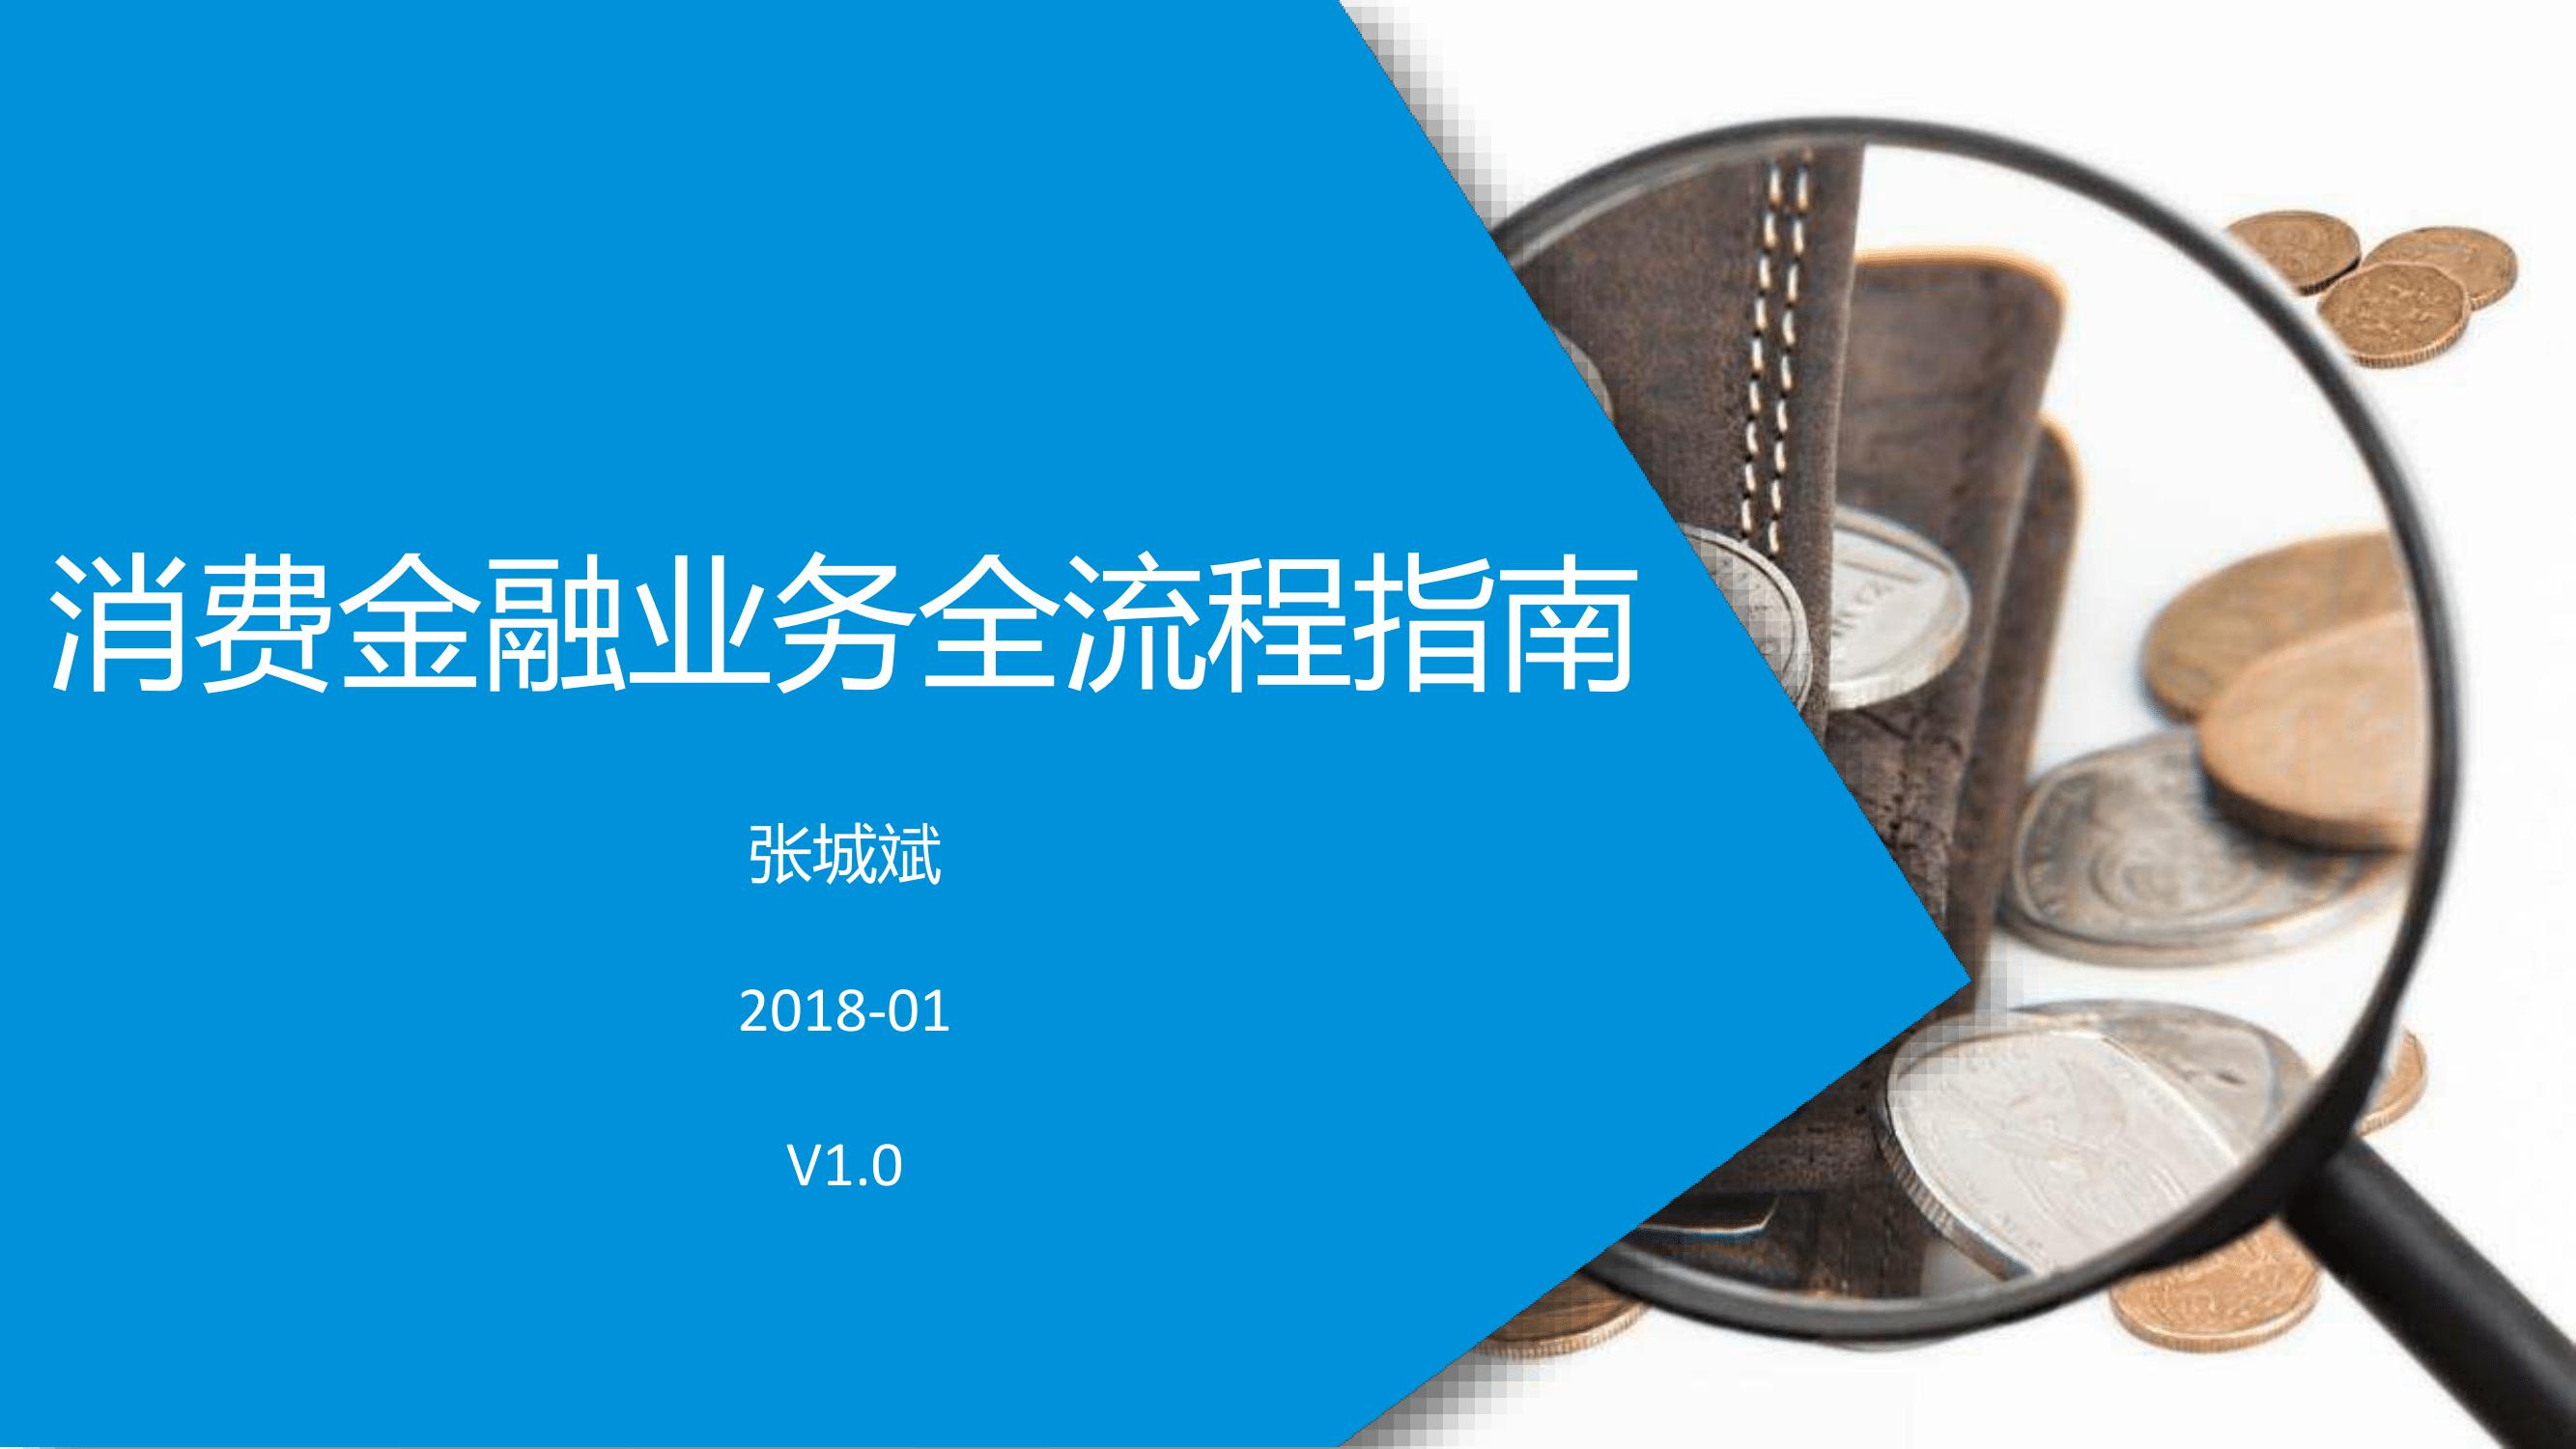 消费金融业务全流程指南_v1.0-001